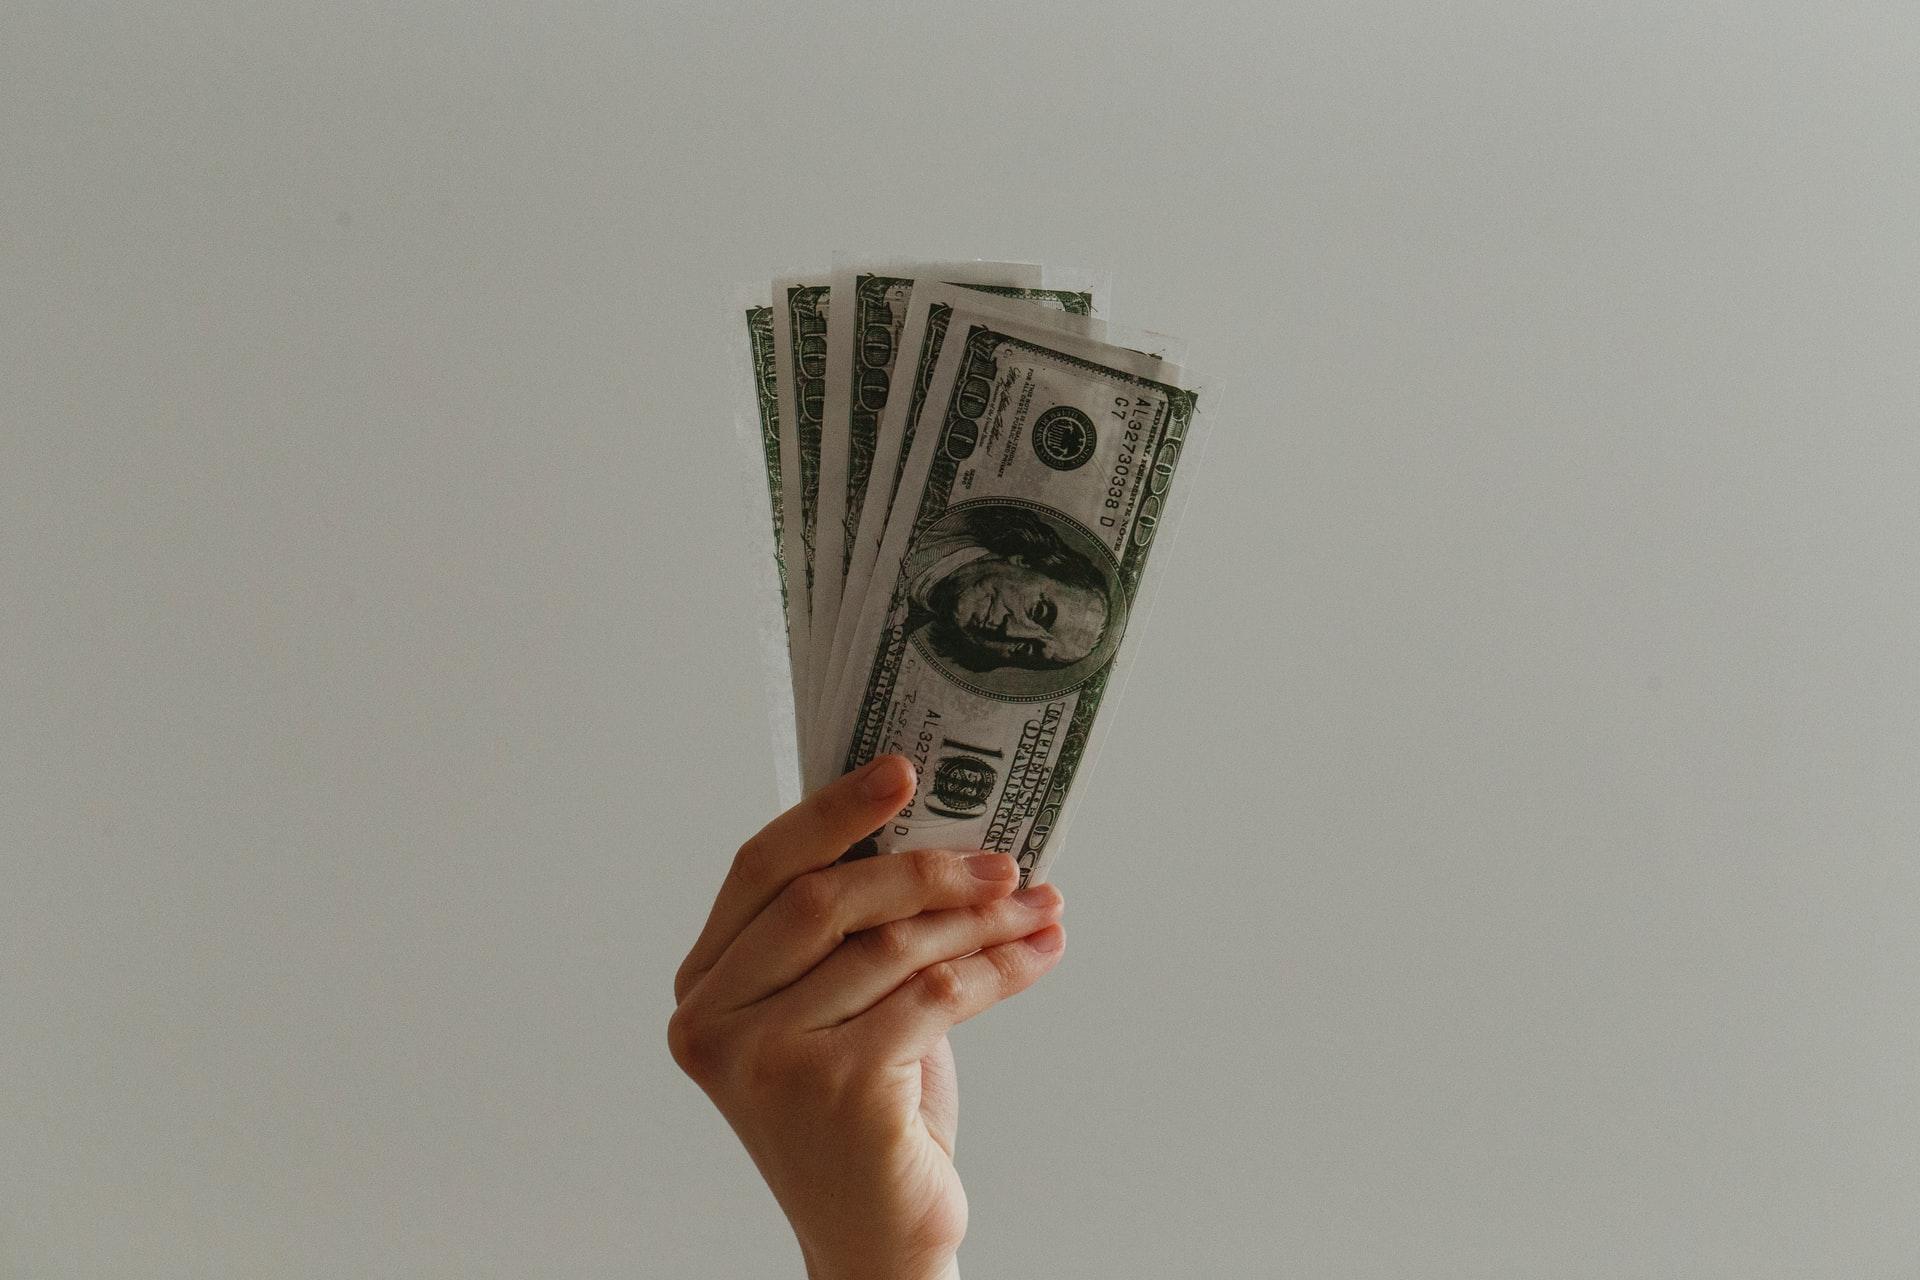 Financiación para el estudio alternativas para financiar los estudios fue comenzar a buscar préstamos sin trabajo